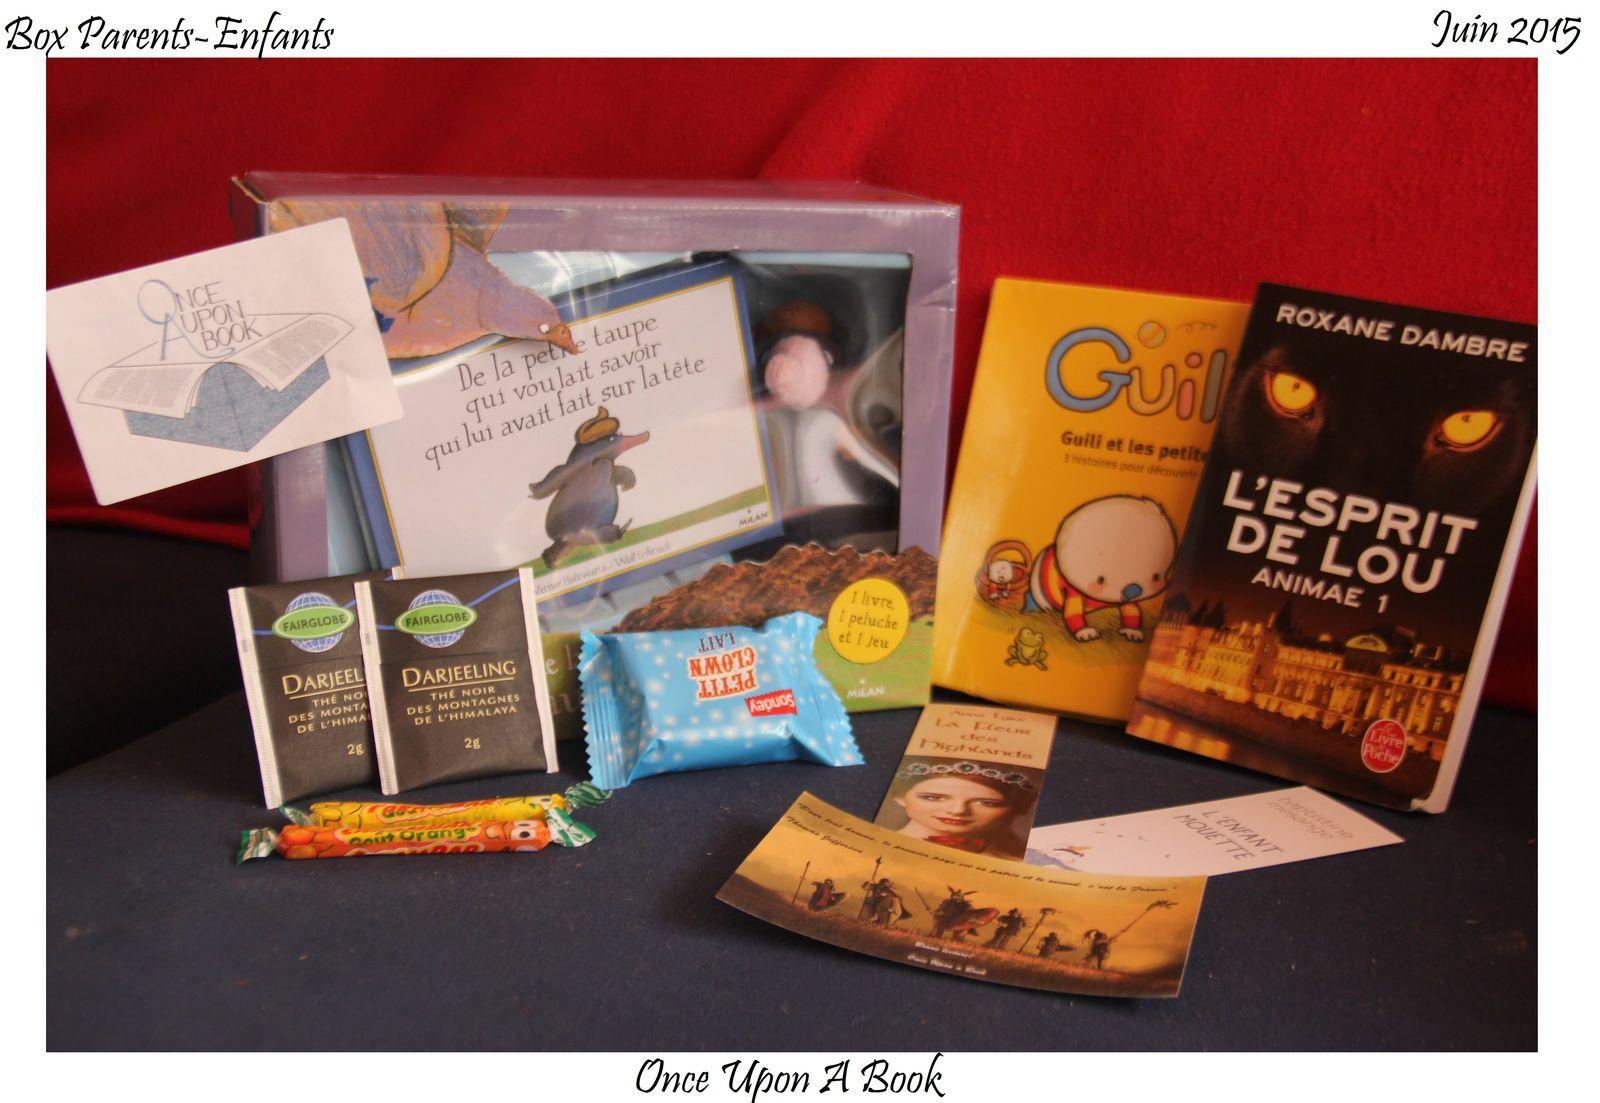 Box n°2 : Once Upon A Book, Box Parents-enfants juin 2015